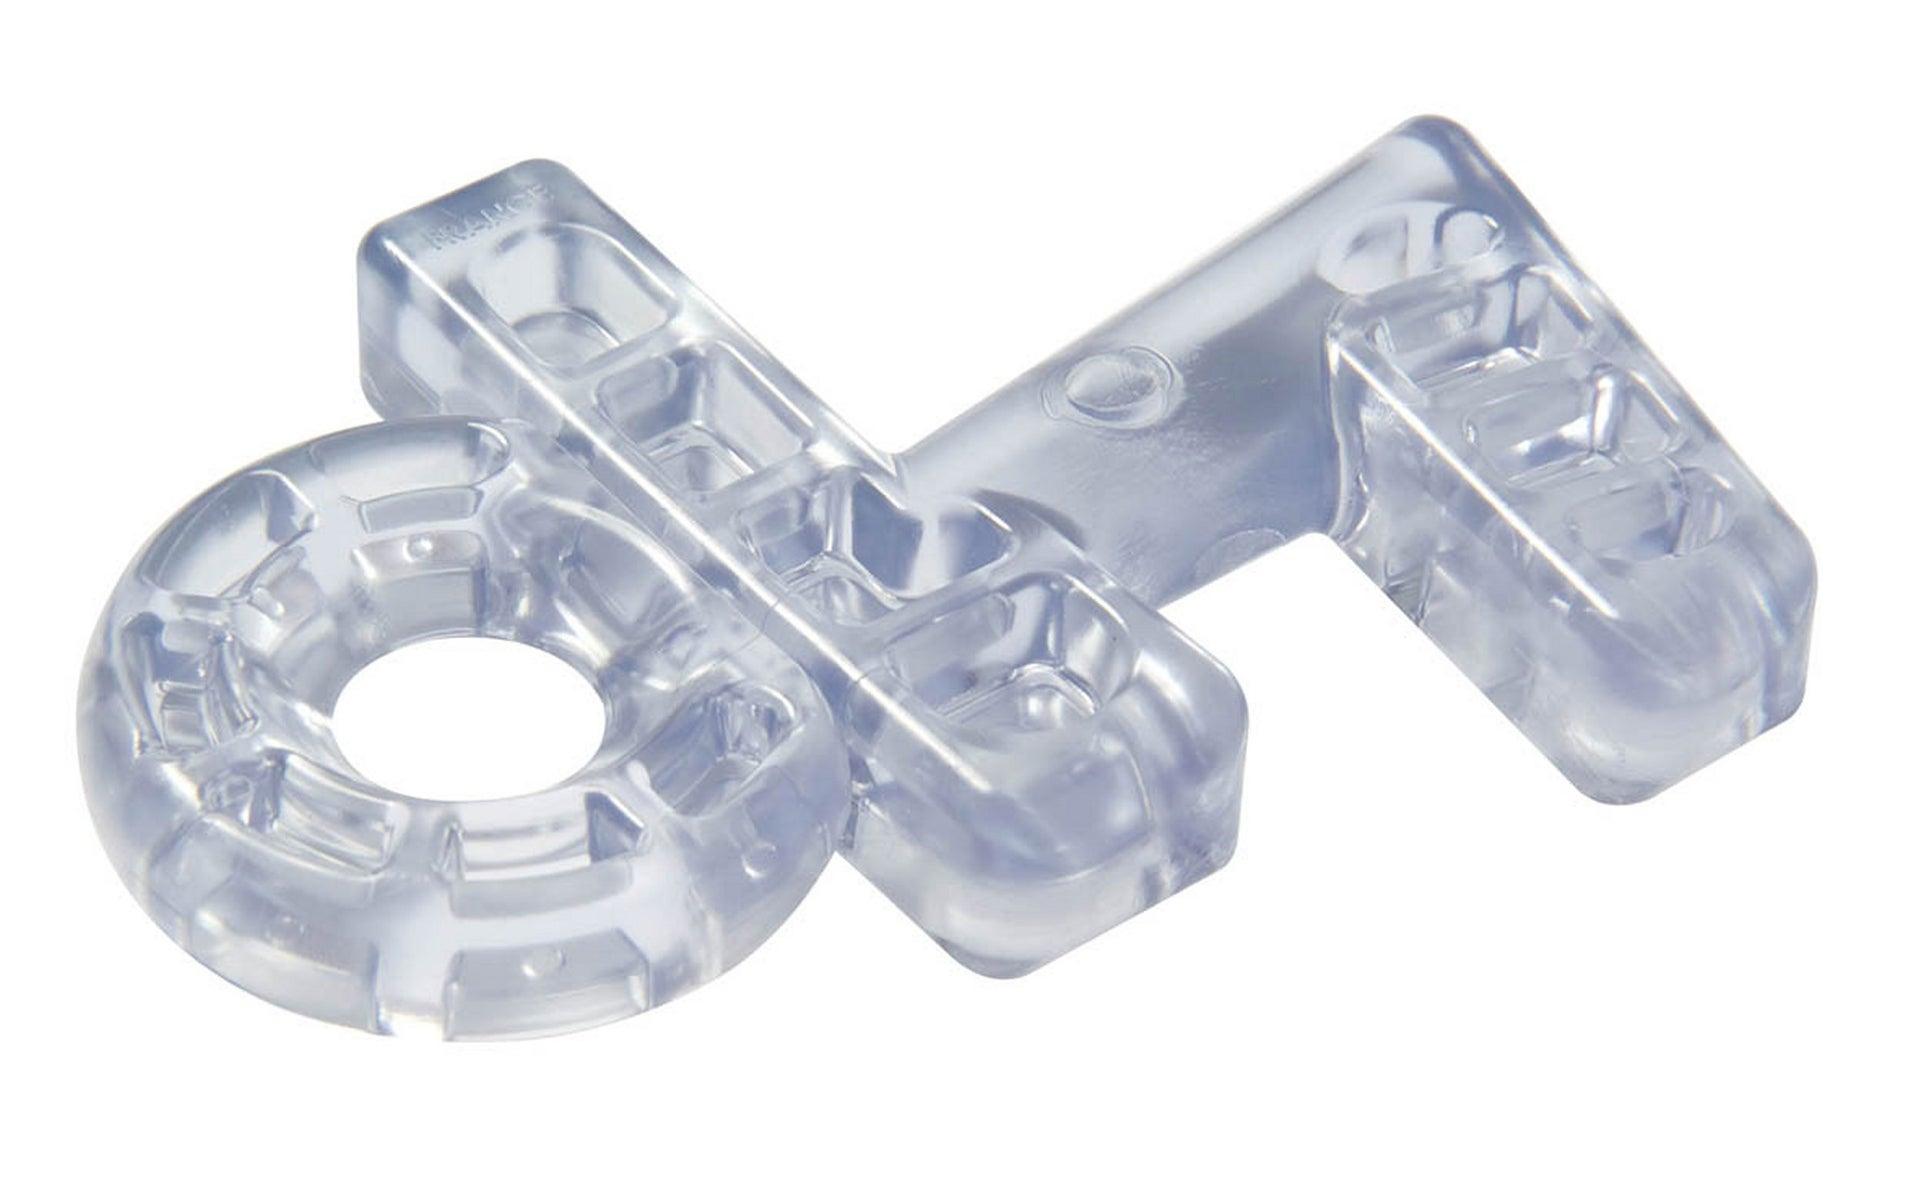 Cale de fenêtre plastique transparent, SOCONA Kalair